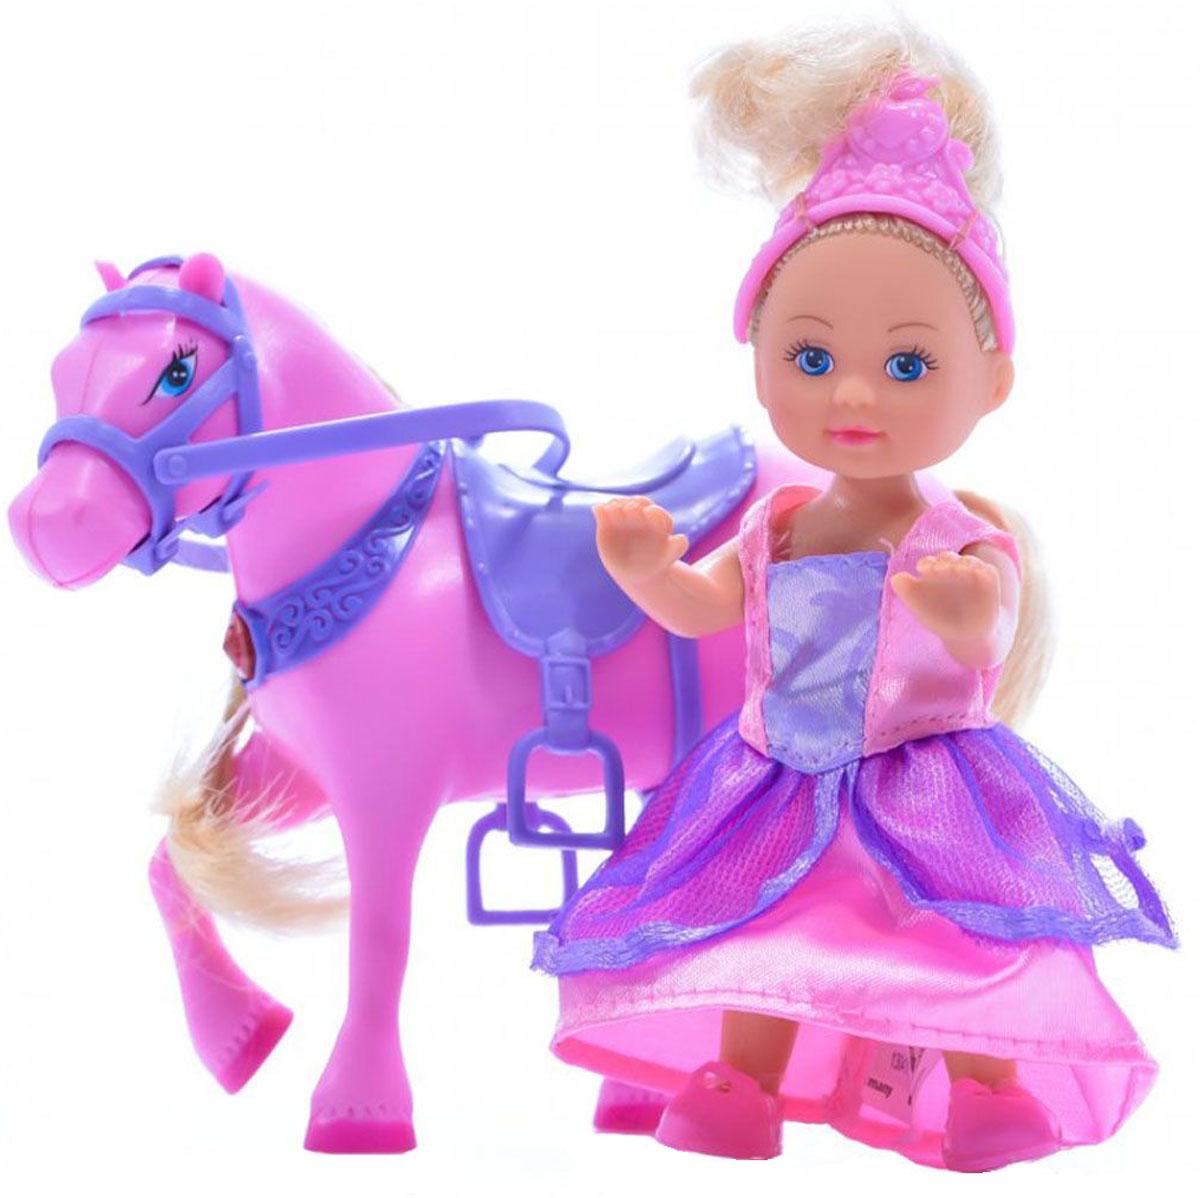 Simba Игровой набор с мини-куклой Evi Love Magic Horse5731159Игровой набор Еви с магической лошадкой не оставит равнодушной ни одну девочку. Крошка Еви гуляет со своей любимицей - магической розовой лошадкой. Если нажать на седло лошадки, вы услышите цокот копыт и мерцание в сбруе лошадки. Куколка с длинными светлыми волосами одета в длинное платье принцессы и диадему. На ножках - розовые туфельки. Одежда и обувь у куколки снимаются, ручки, ножки и голова подвижны. Набор включает куклу и лошадку с седлом и сбруей. Благодаря маленьким размерам элементов набора ваша малышка сможет брать его с собой на прогулку или в гости. Порадуйте ее таким замечательным подарком! Для работы требуются 2 батарейки R44 (входят в комплект).